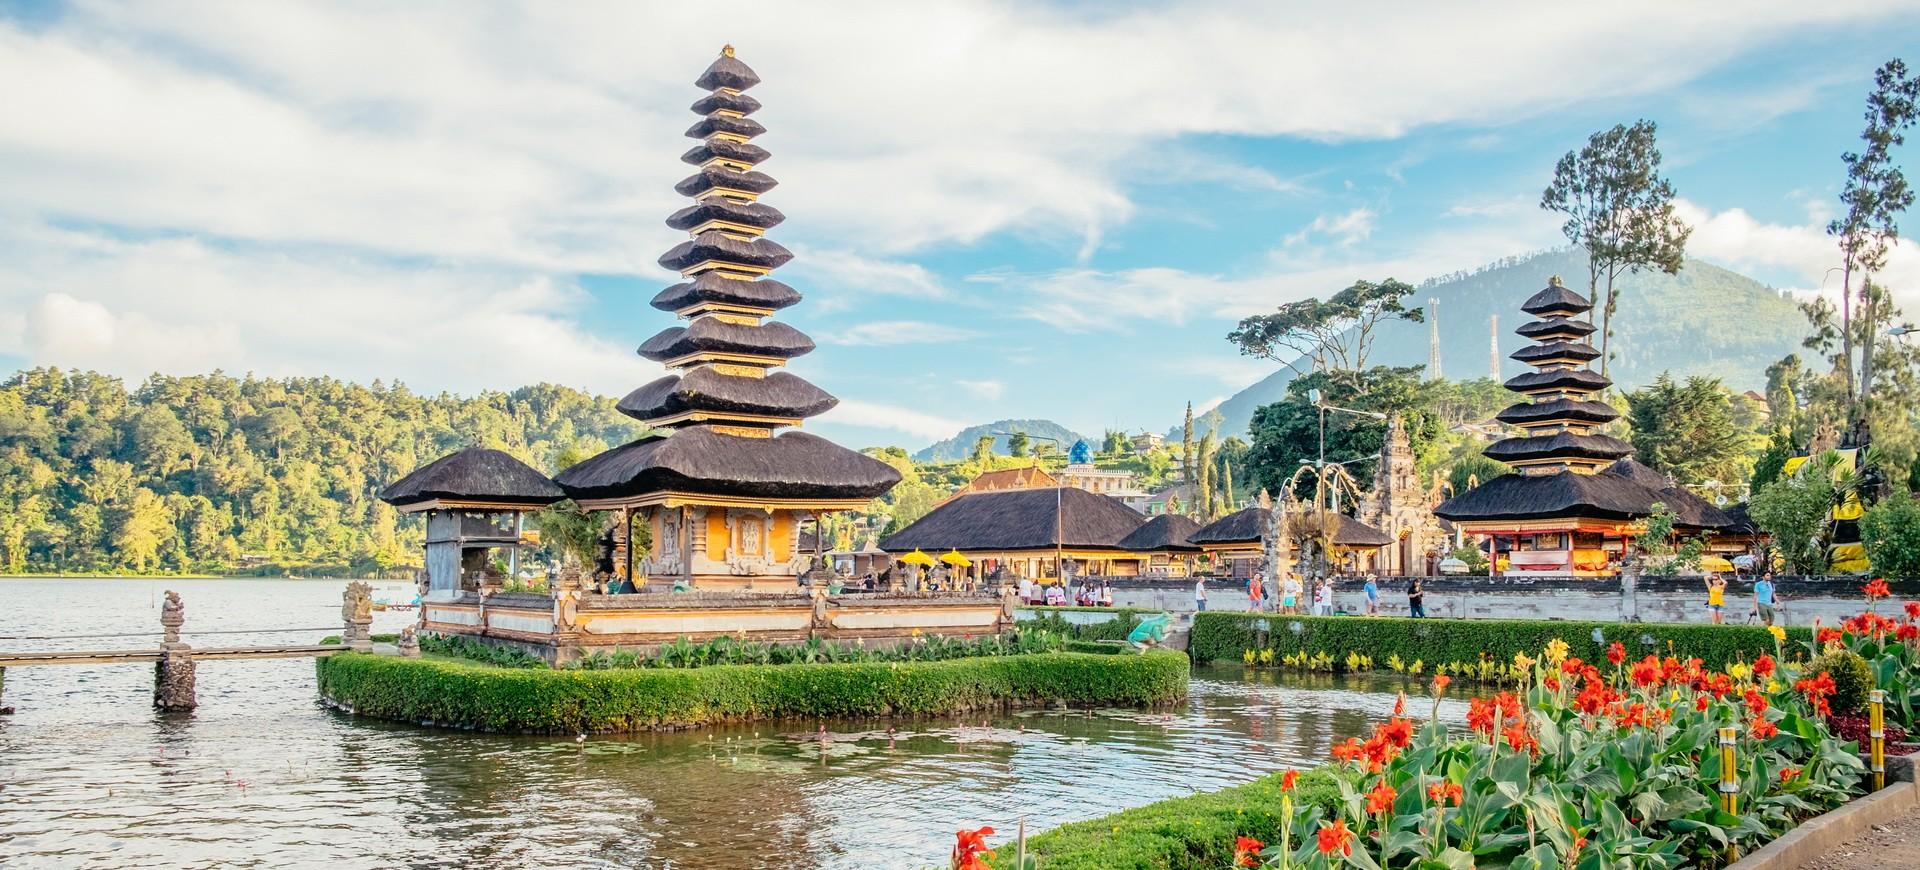 Temple Hindou Pura Ulun Danu au Lac Bratan à Bali